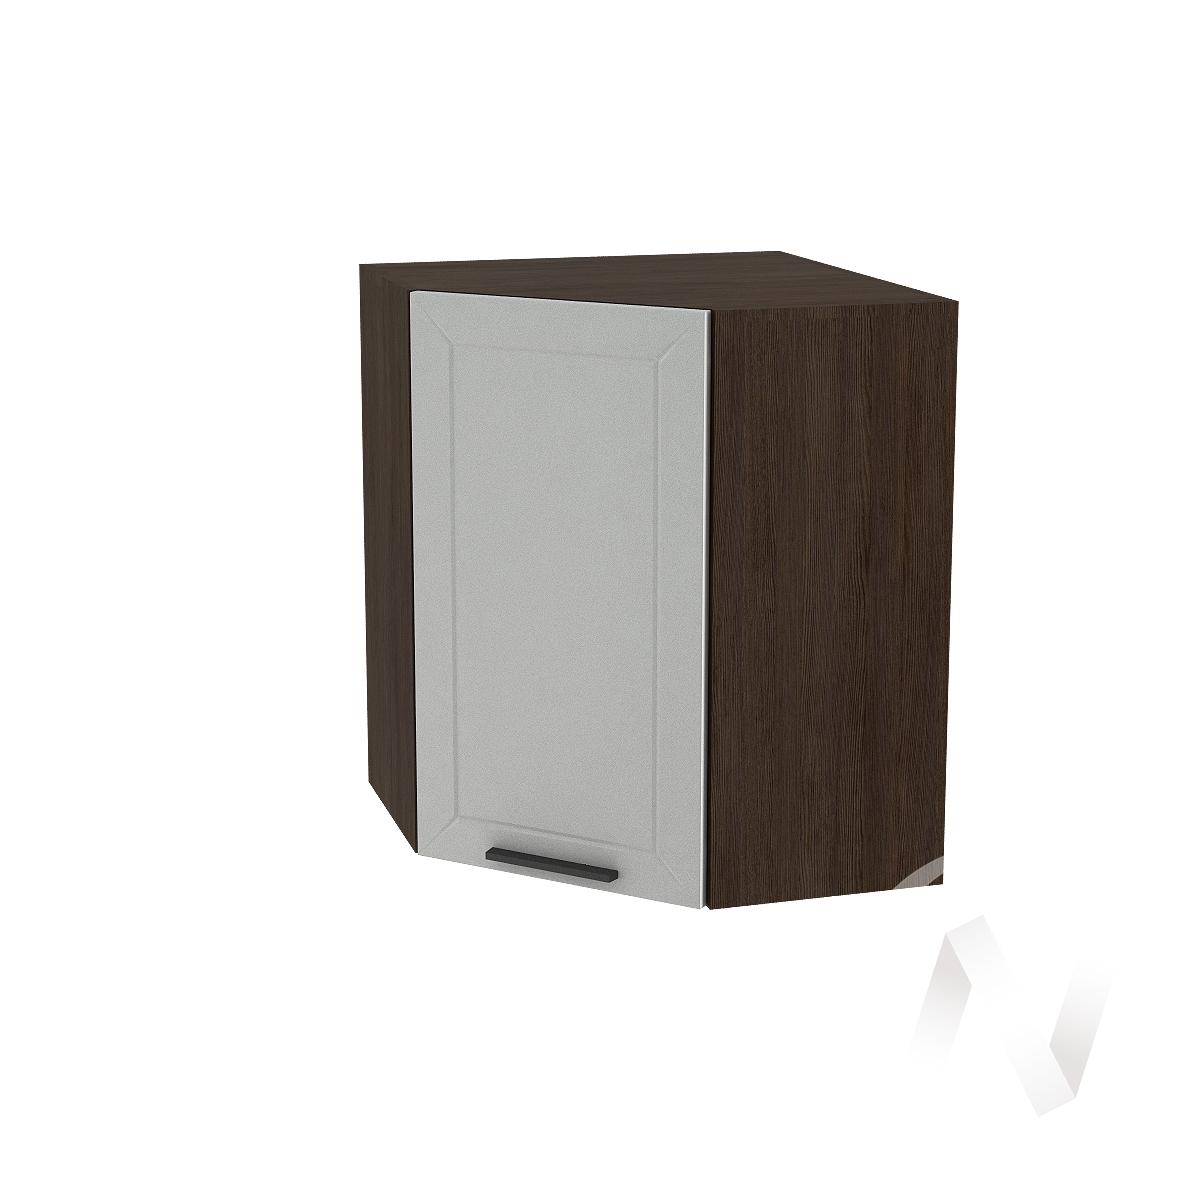 """Кухня """"Глетчер"""": Шкаф верхний угловой 590, ШВУ 590 (Гейнсборо Силк/корпус венге)"""